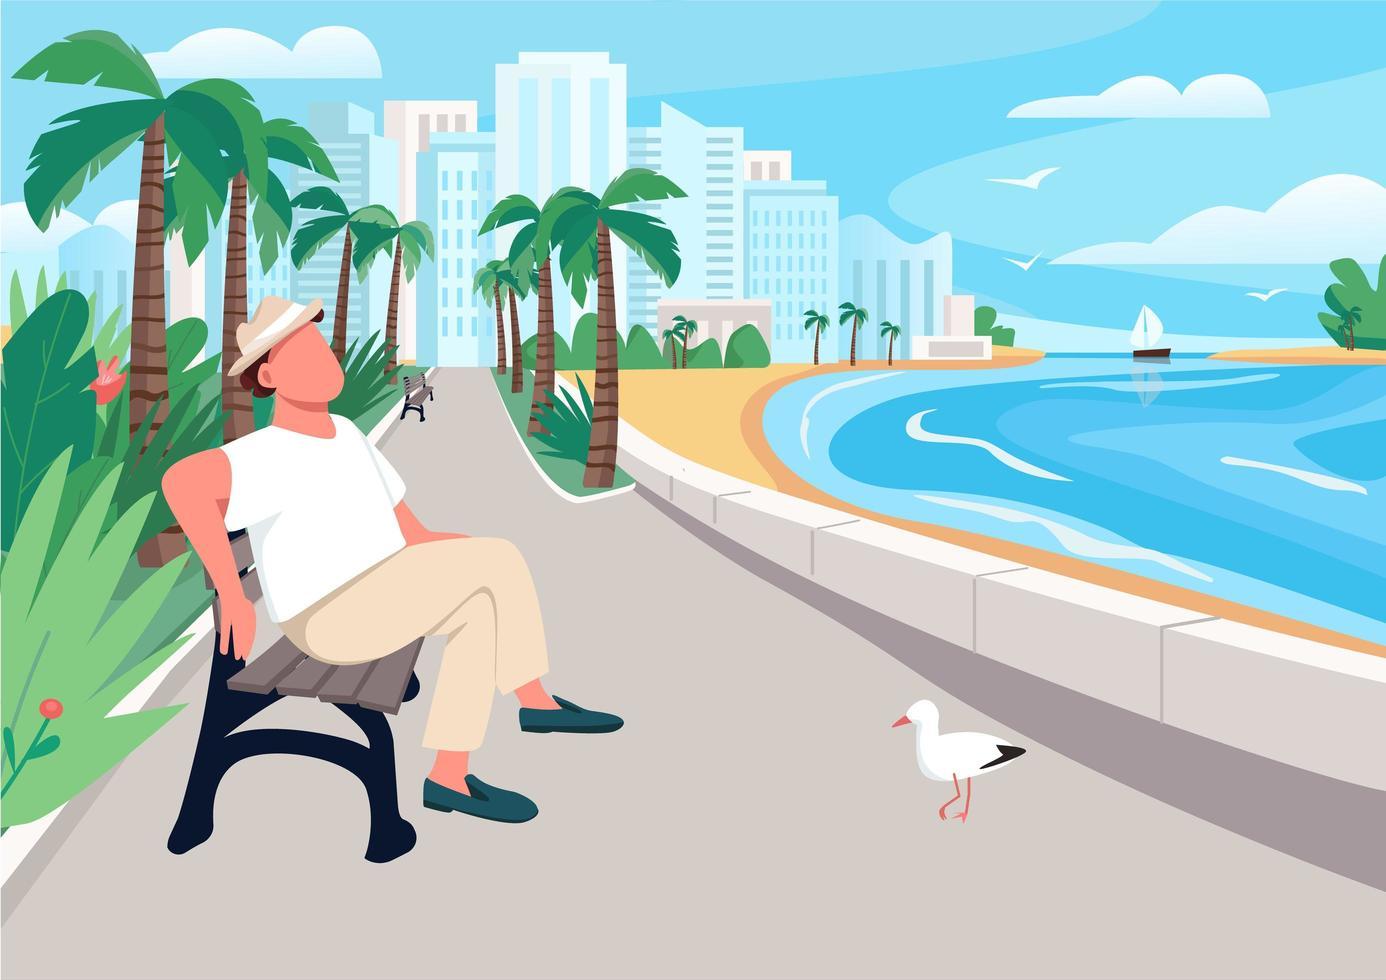 homme assis sur un banc de rue en bord de mer vecteur